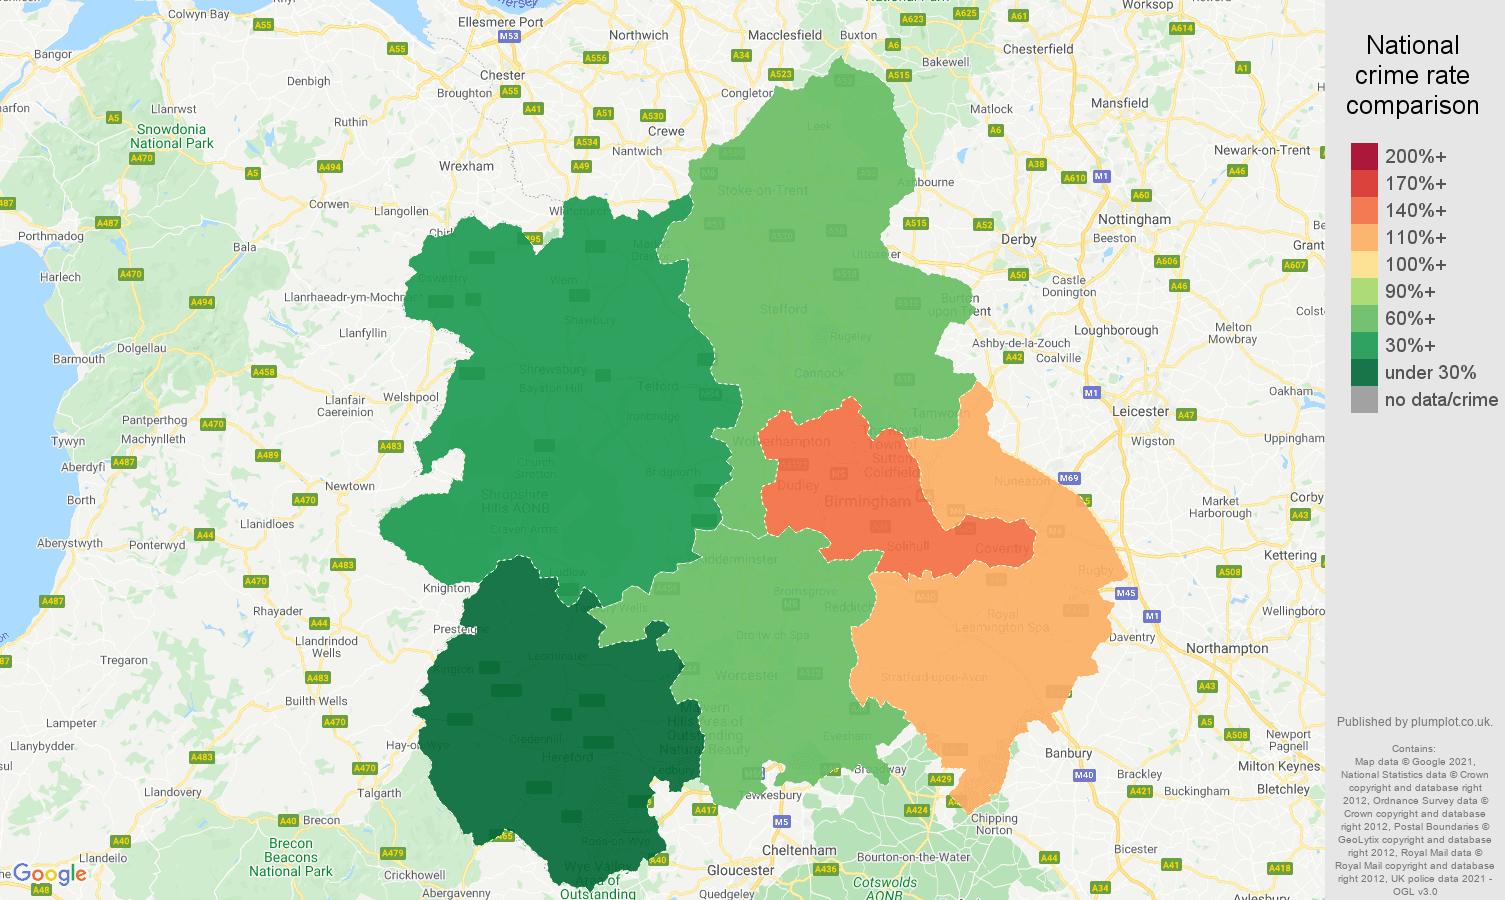 West Midlands vehicle crime rate comparison map